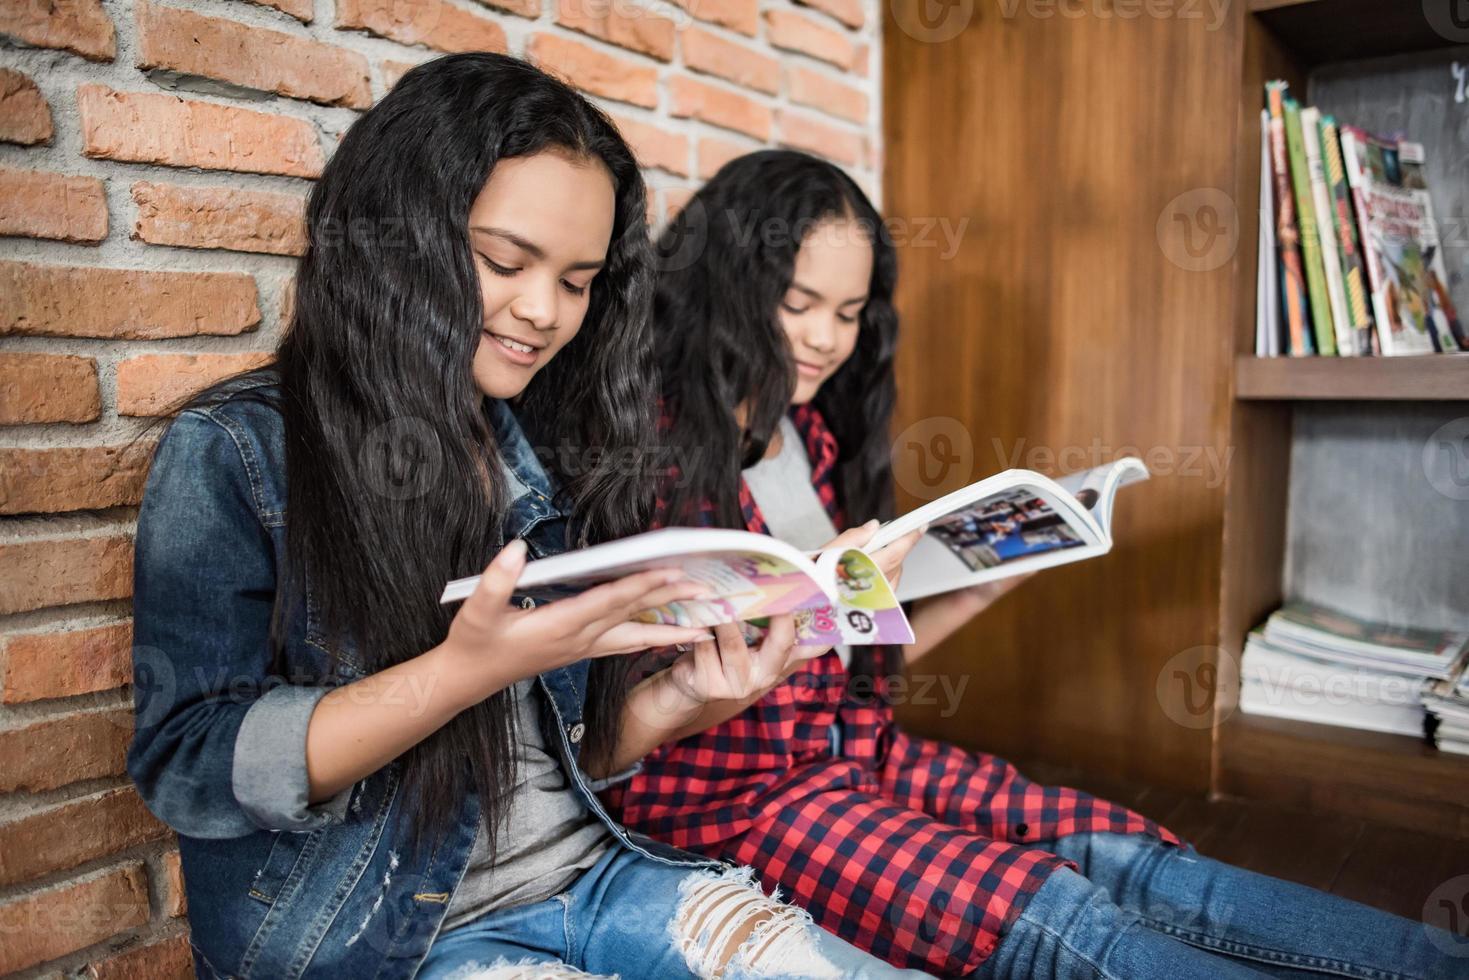 vrouwelijke studenten die boeken lezen in de bibliotheek foto